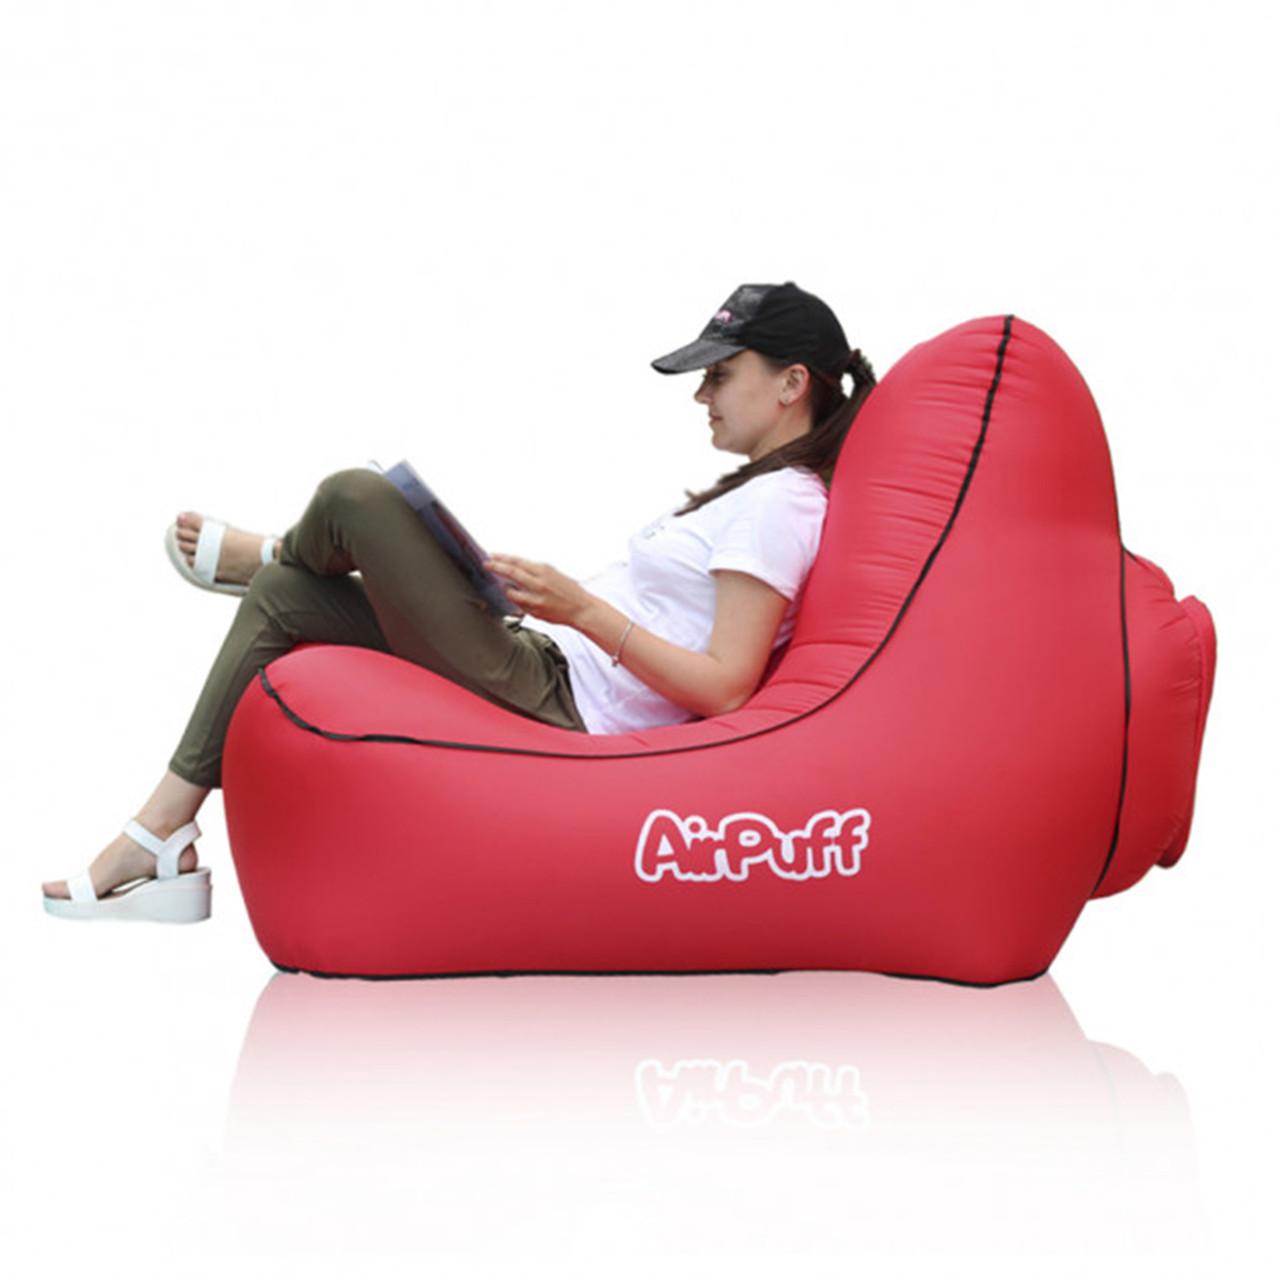 Надувний лежак крісло AirPuff для відпочинку на природі і пляжі (Red)